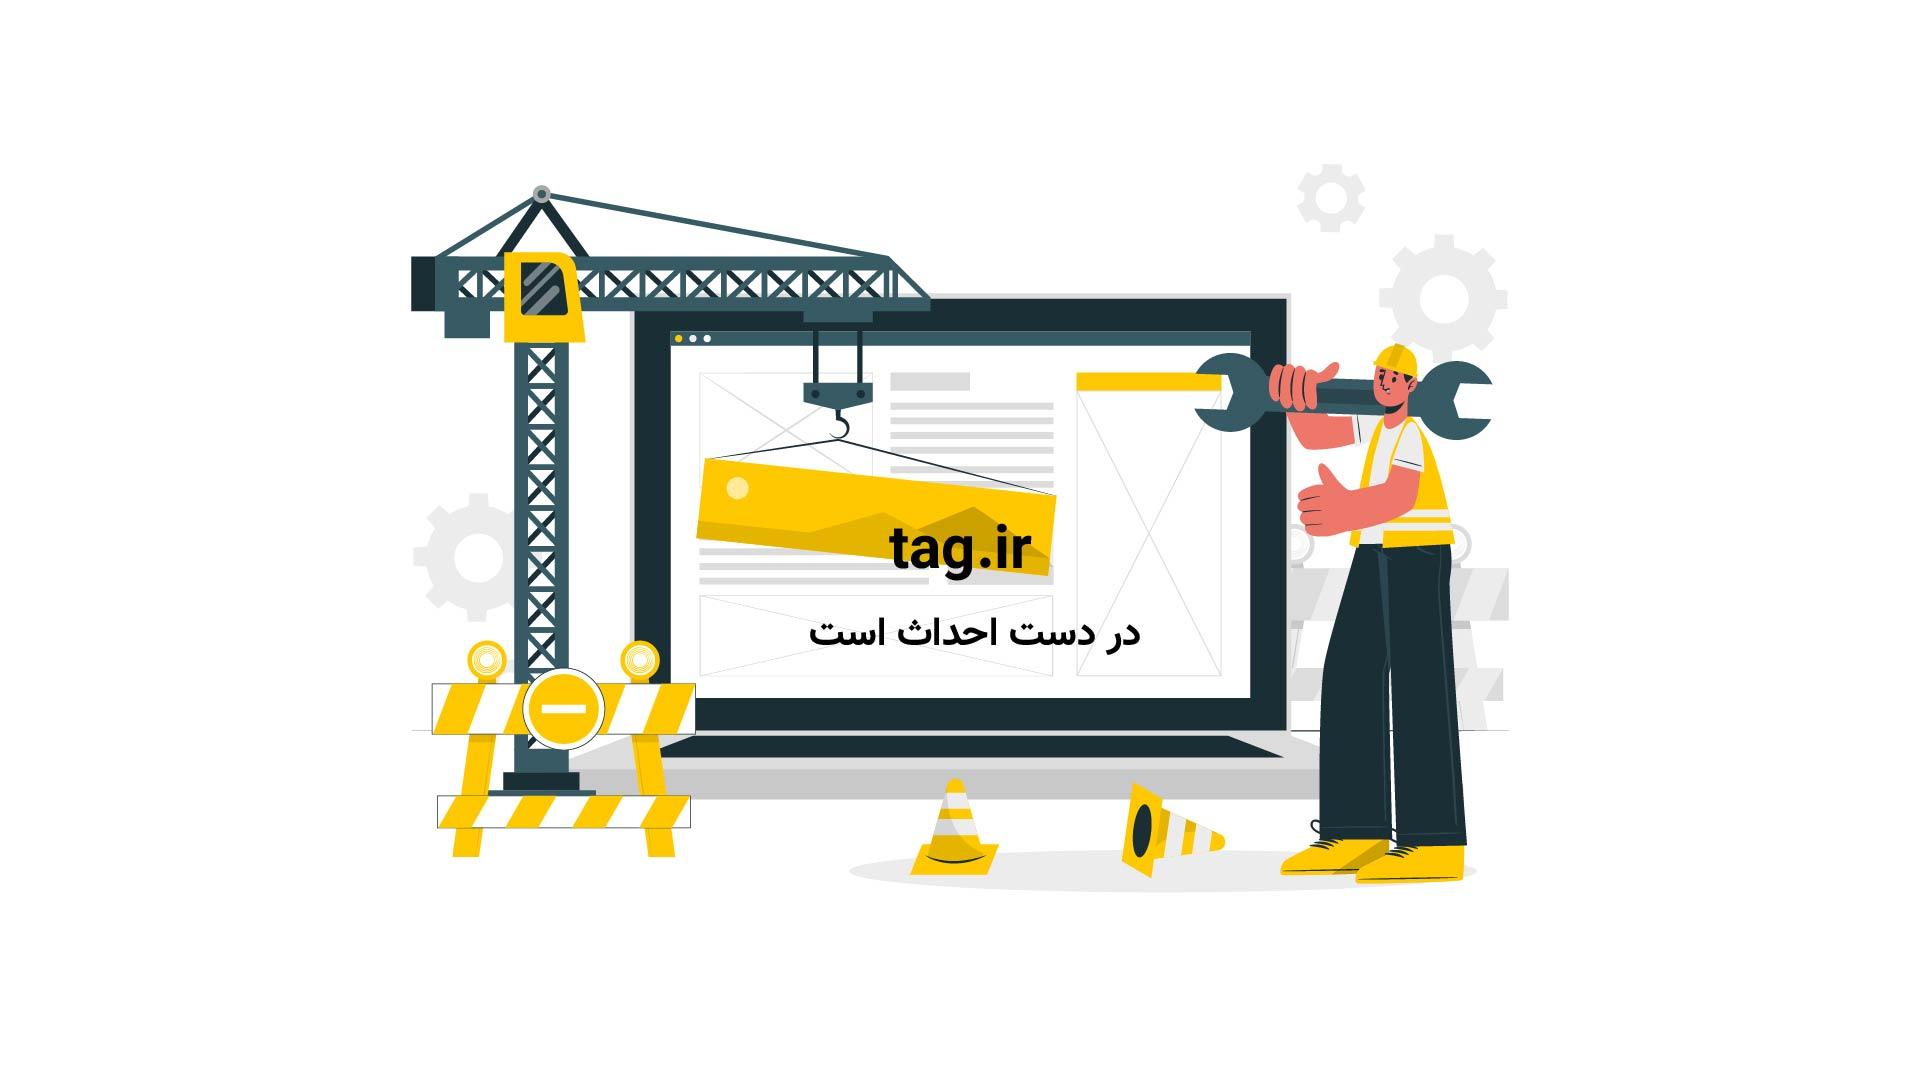 حرکت احمقانه پسر روسی در ایستگاه مترو | فیلم